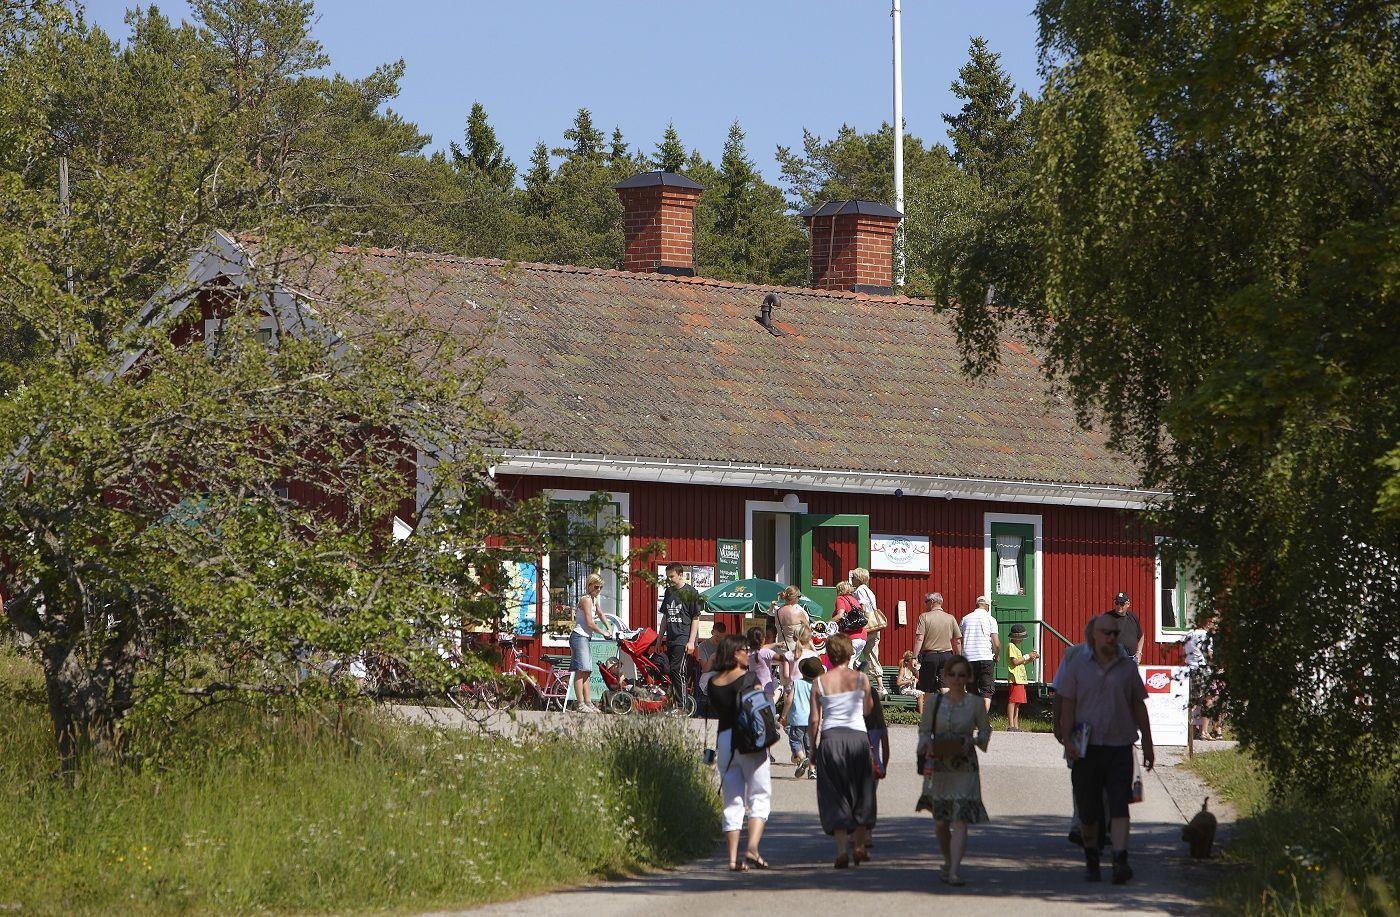 Galtströms Café & Restaurang